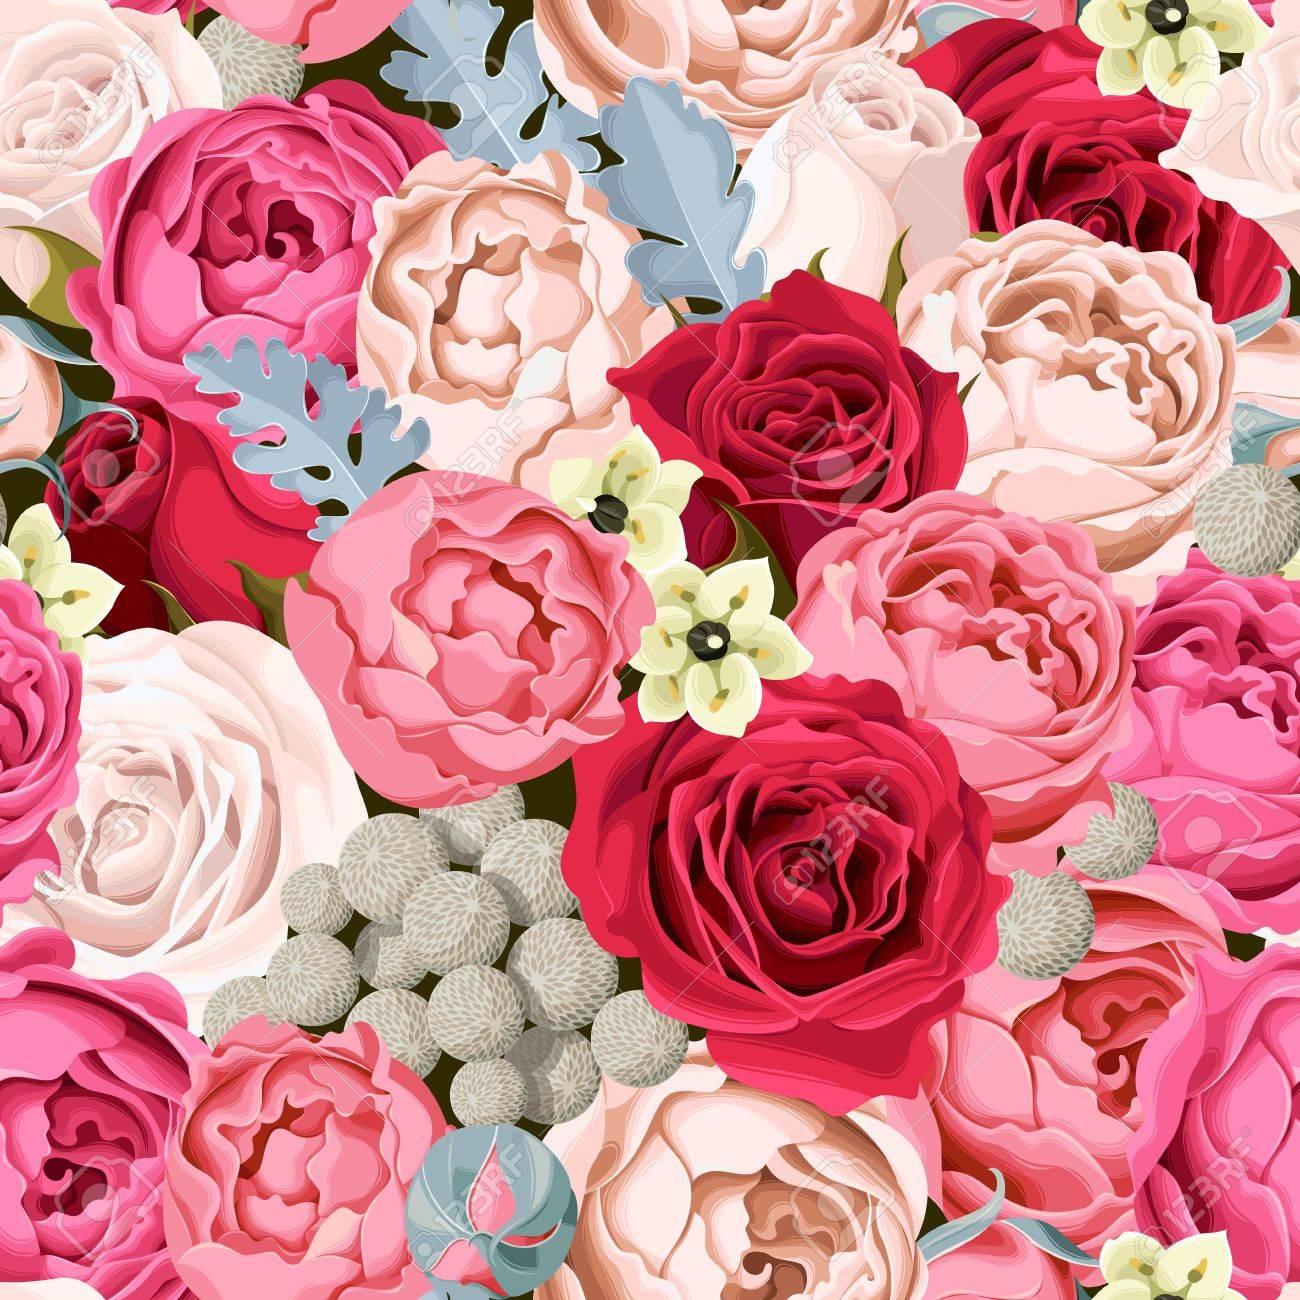 Vintage Hochzeit Blumen Nahtlose Hintergrund Lizenzfrei Nutzbare